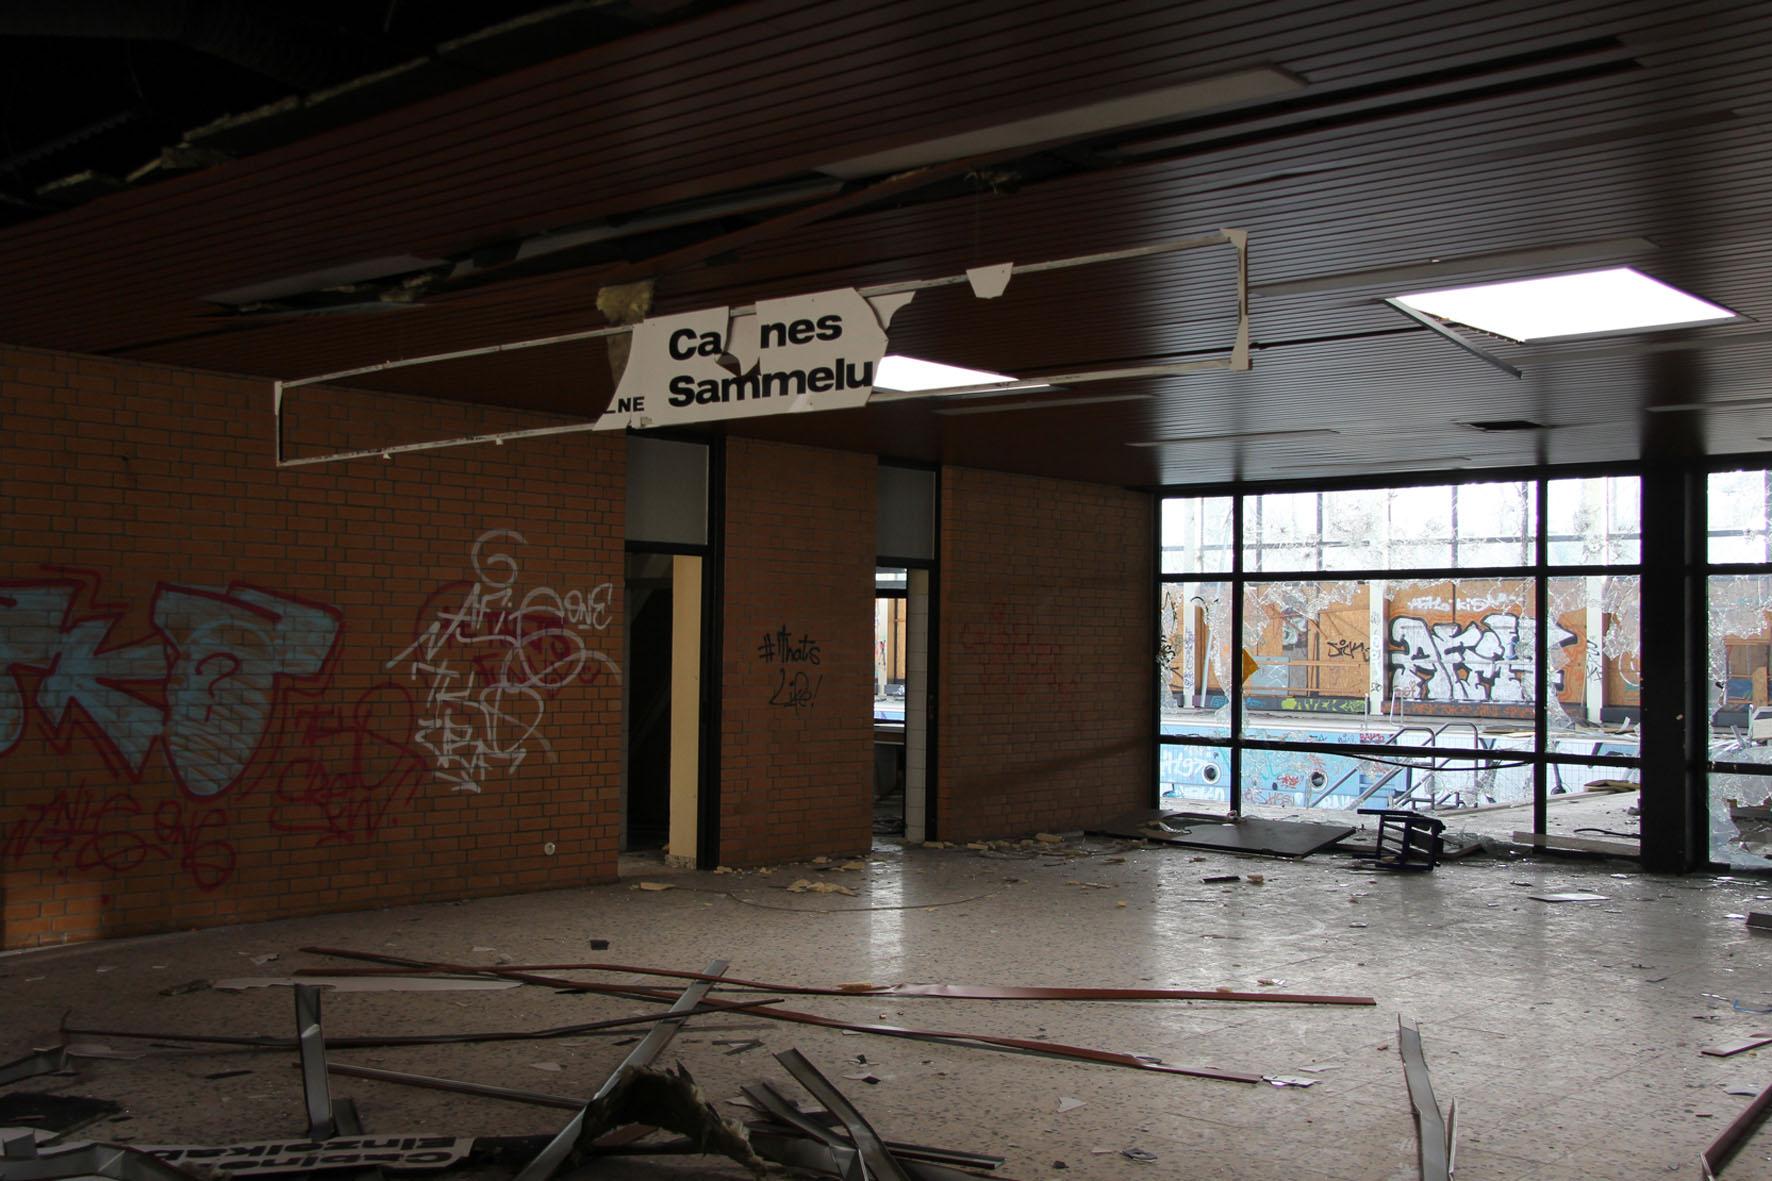 Die Eingangshalle im Franzosenbad Berlin - Ein verlassenes Schwimmbad in der Cité Foch, ehemals Heimat der französischen Alliierten, die nach dem Zweiten Weltkrieg in Berlin stationiert waren